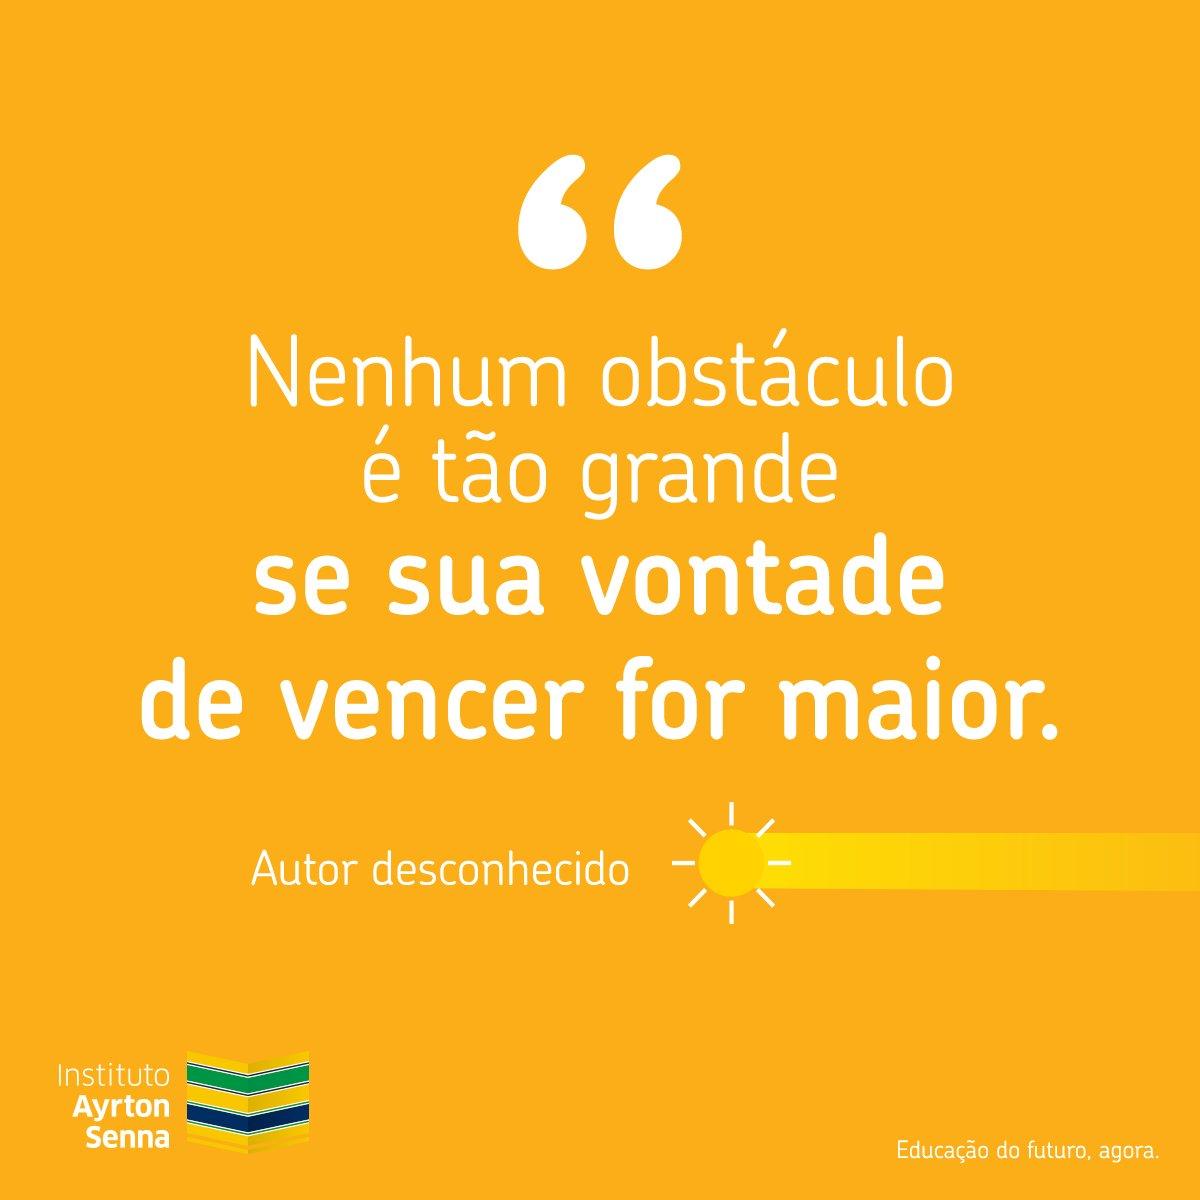 #EducaçãoDoFuturo https://t.co/JkTyXeELn...